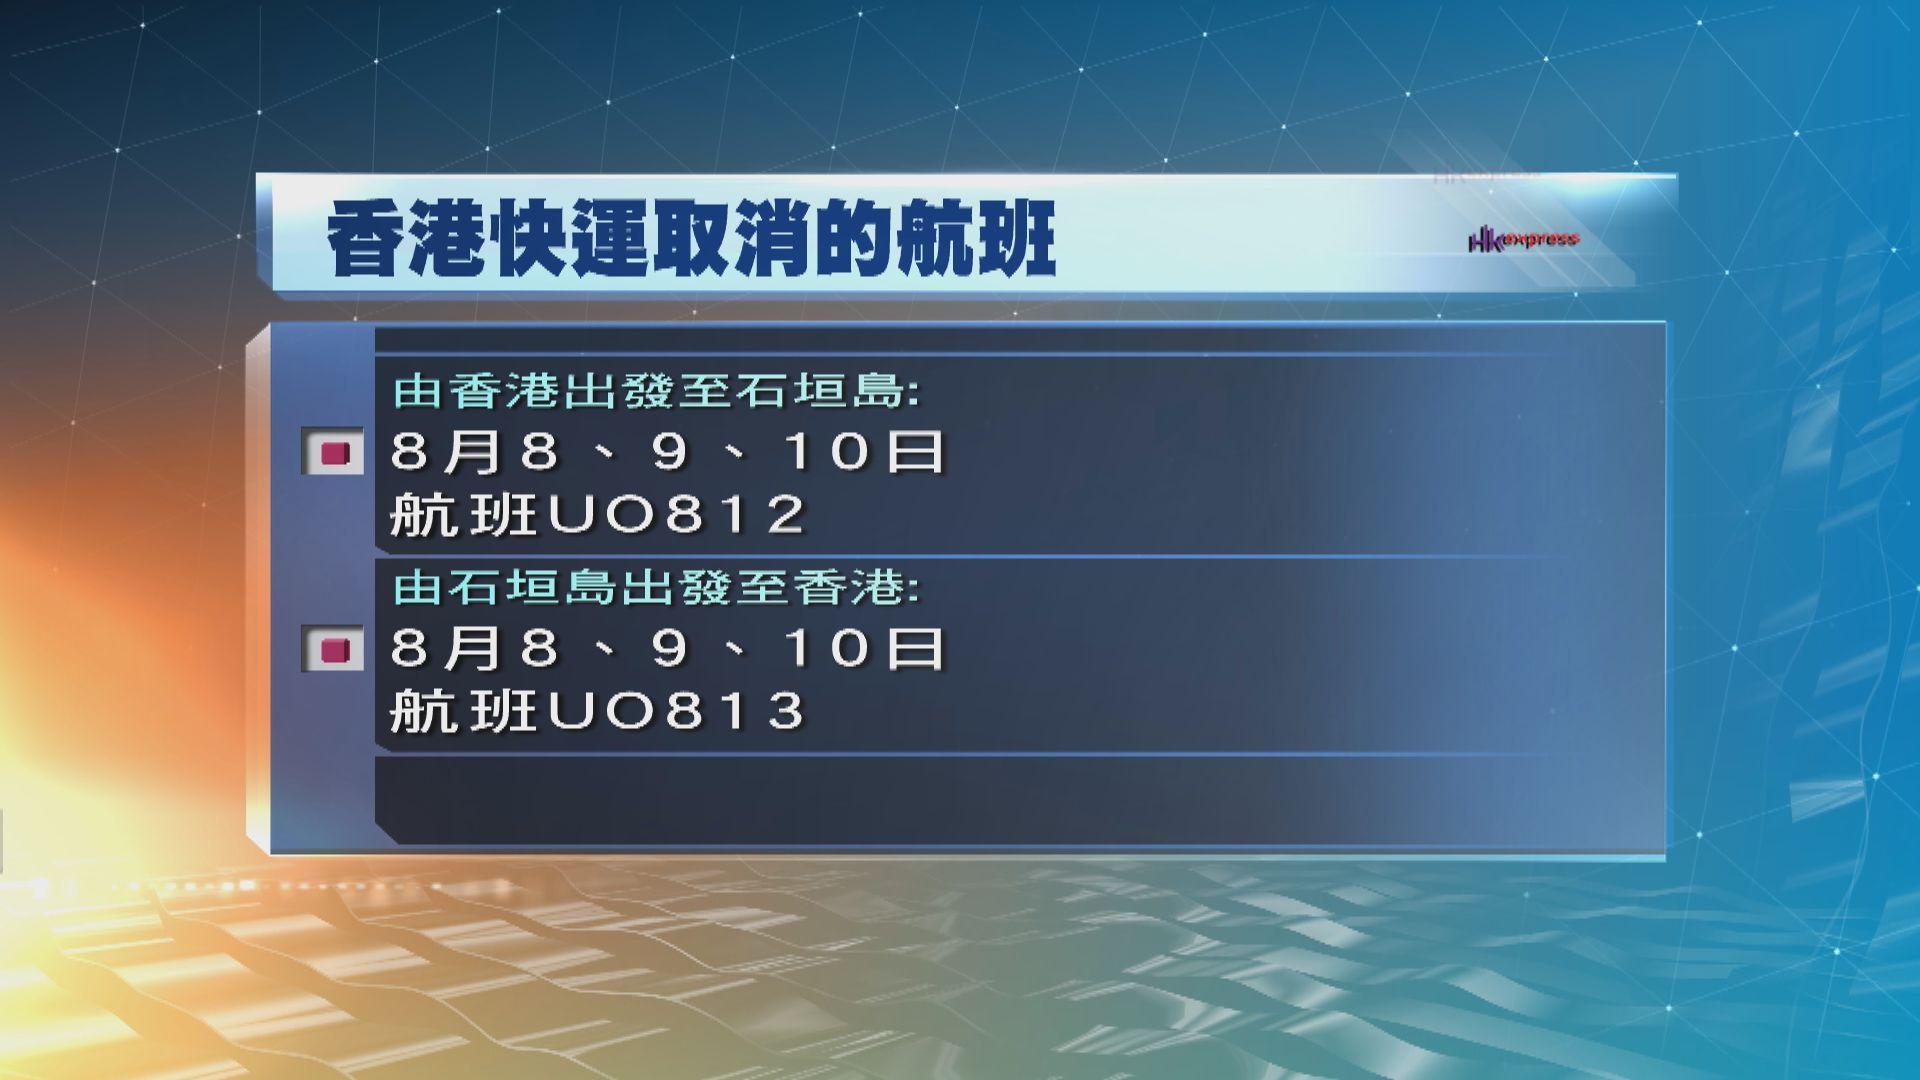 本港多班前往石垣島及台北航班取消